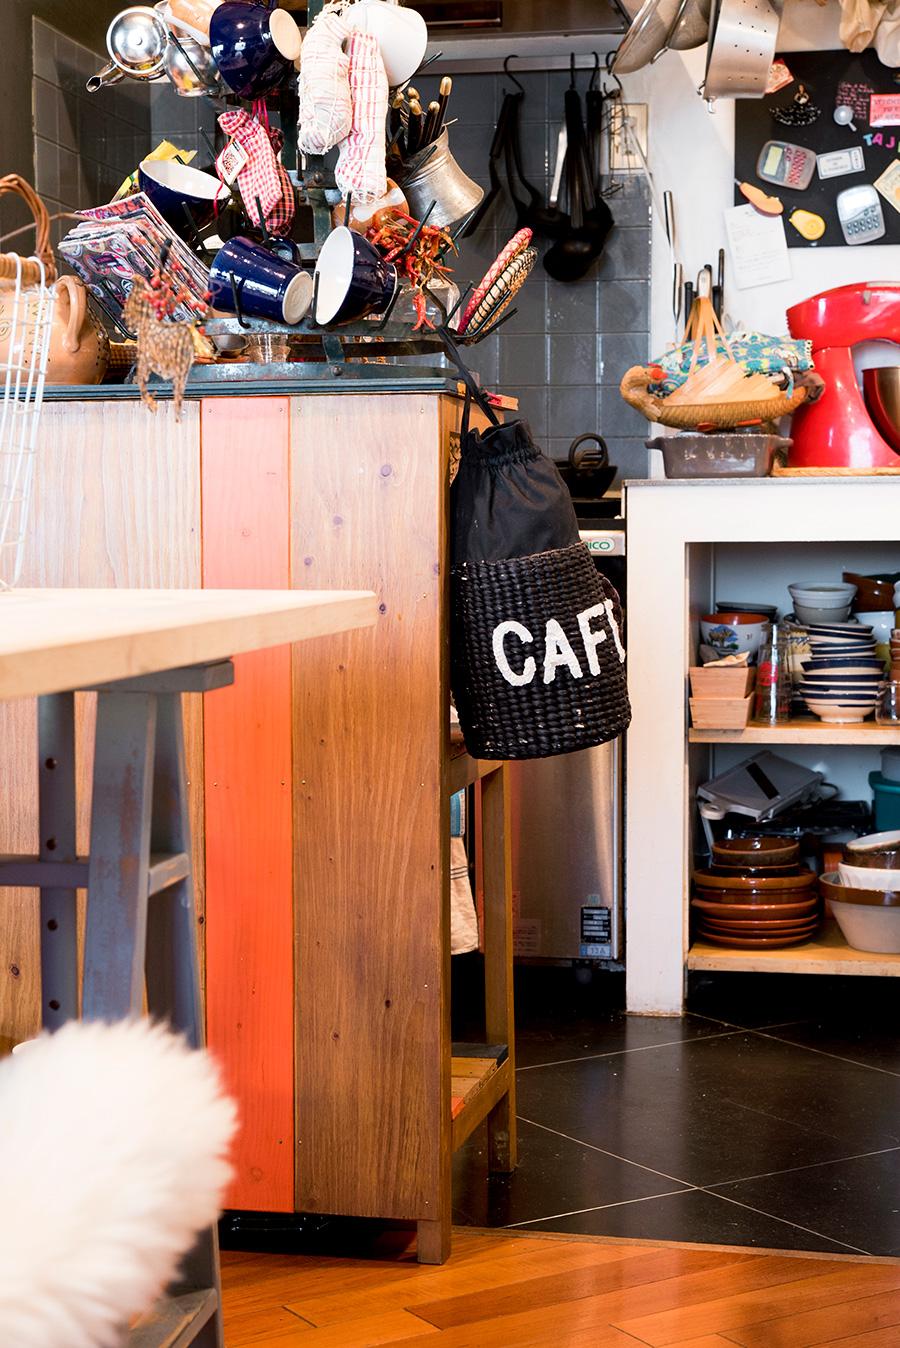 キッチンまわりの床はPタイルを工夫して使用。左の棚は部屋の雰囲気に合わせて、女性アーティストにオーダーしたもの。